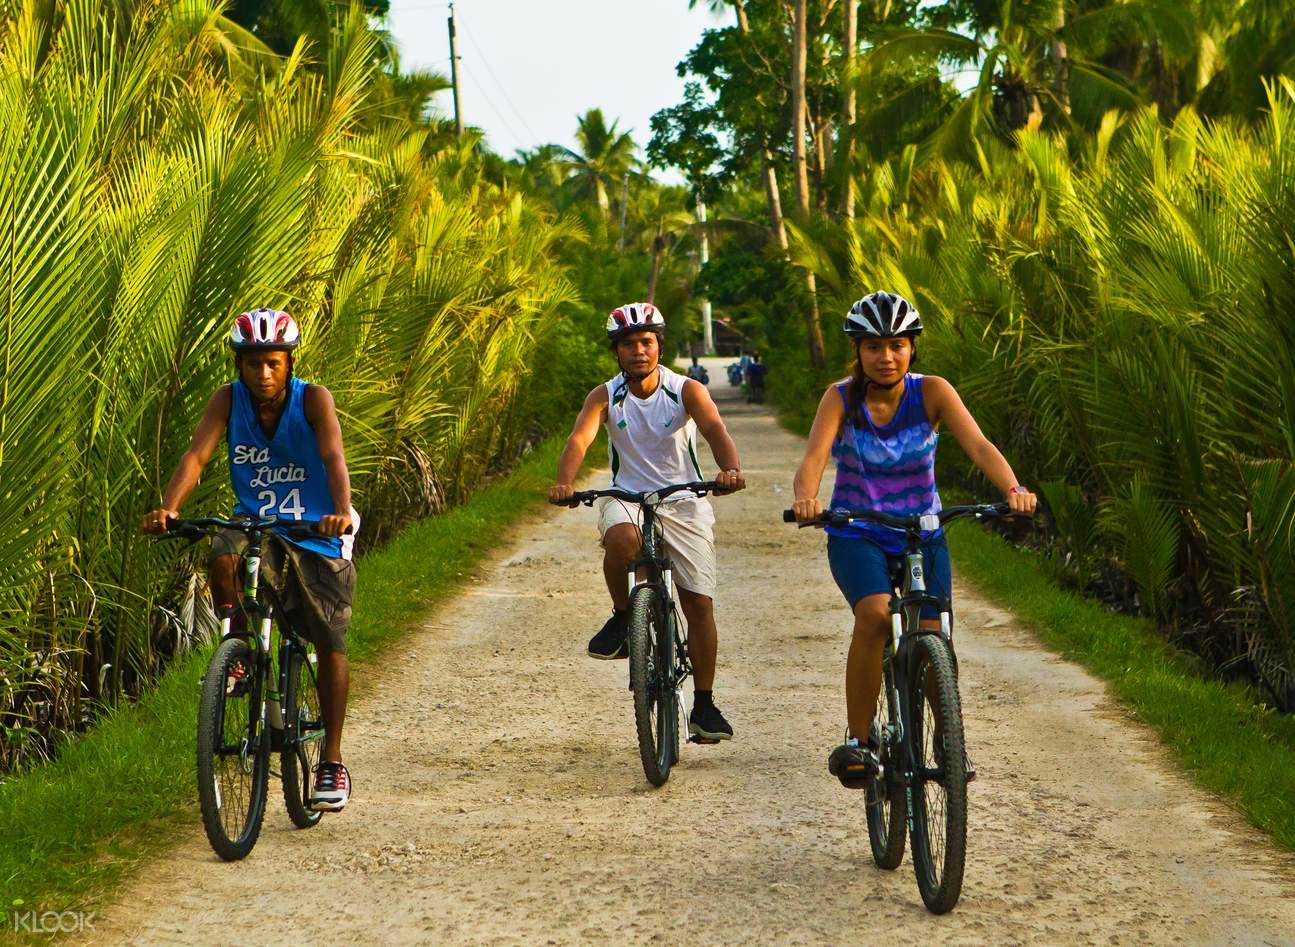 薄荷島騎行,薄荷島山地自行車,薄荷島自行車,薄荷島戶外,薄荷島戶外活動